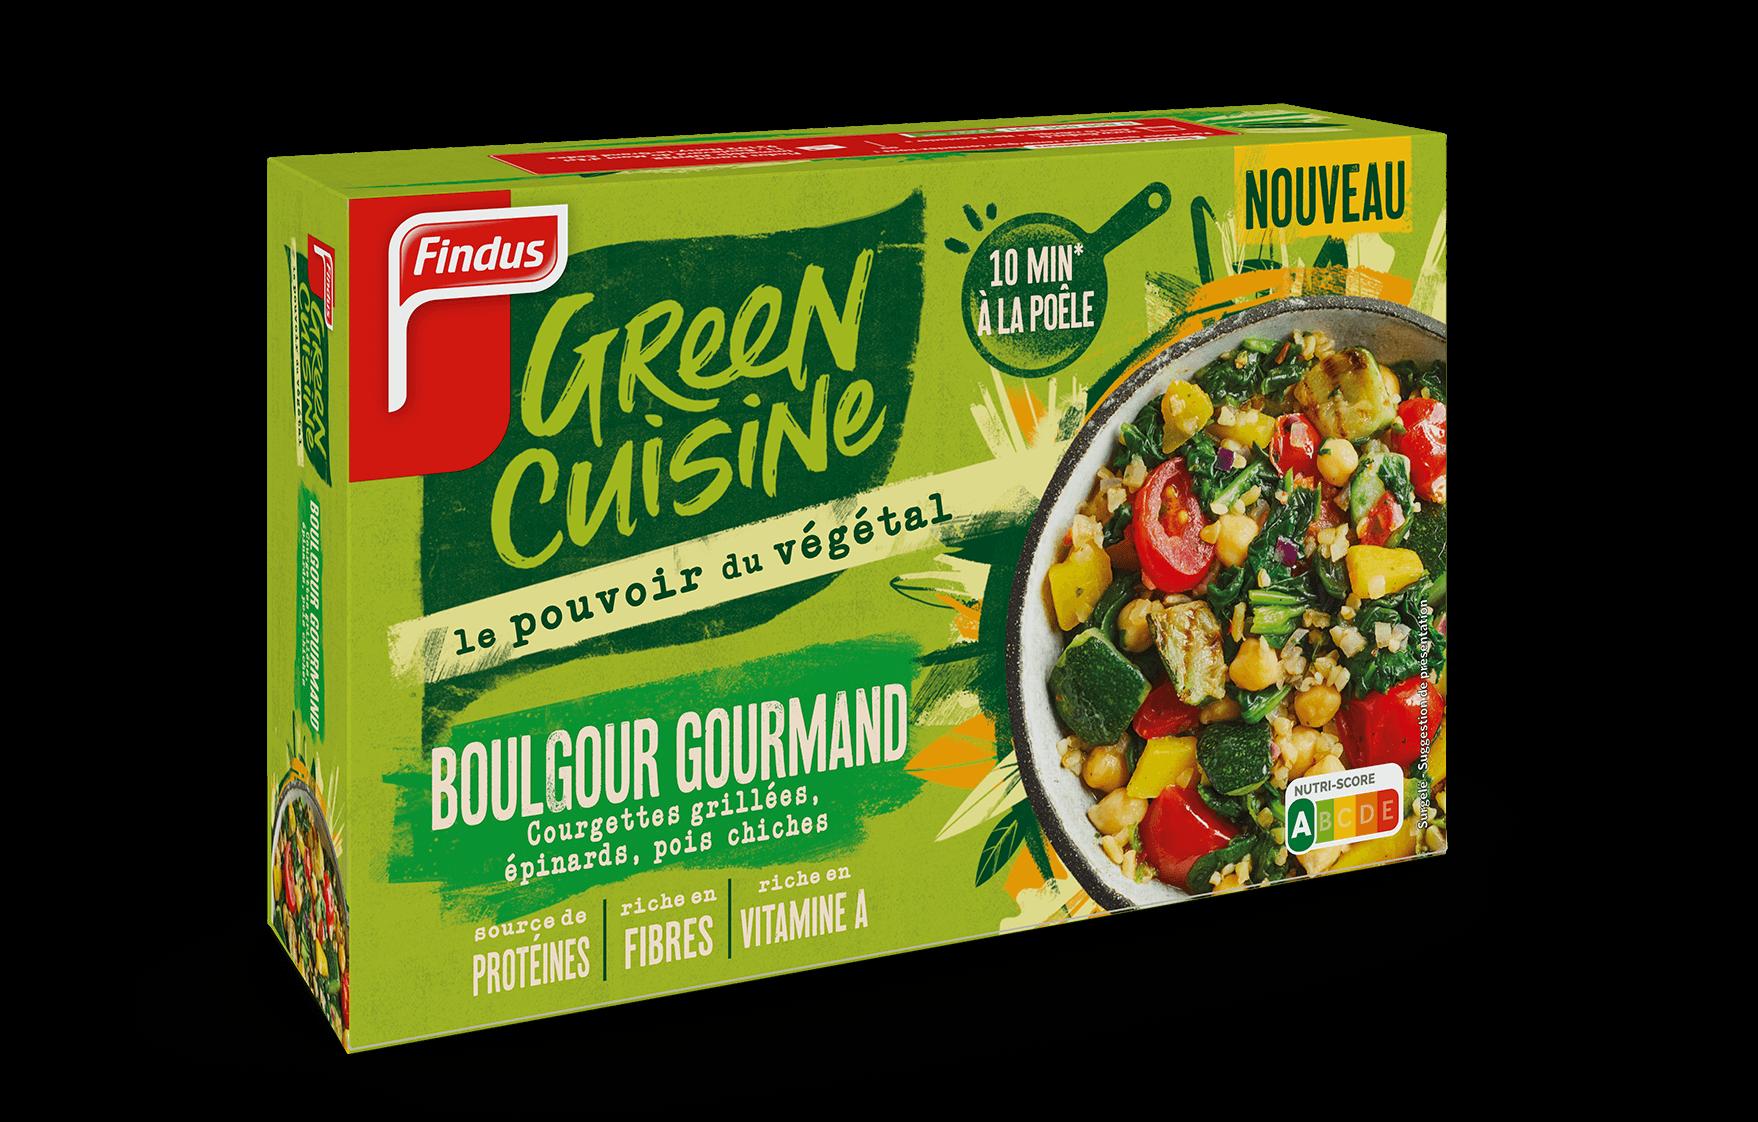 Paquet de boulgour gourmand Green Cuisine Findus